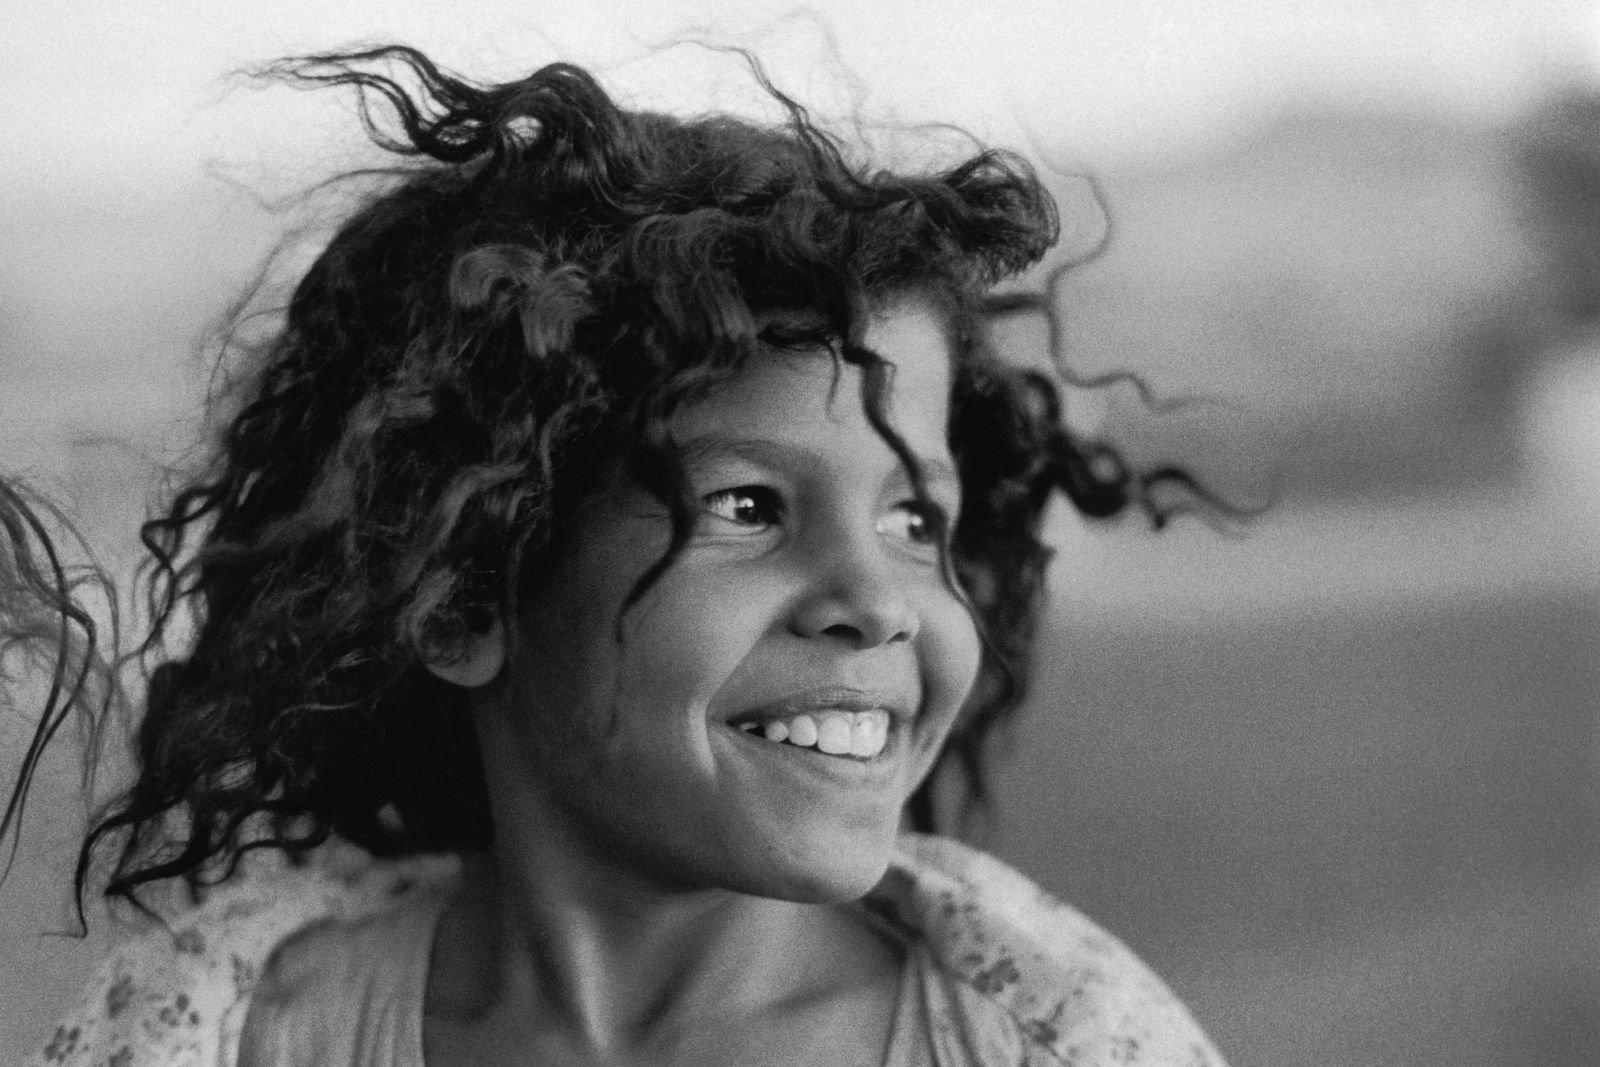 La petite Egyptienne, 1983 © Sabine Weiss